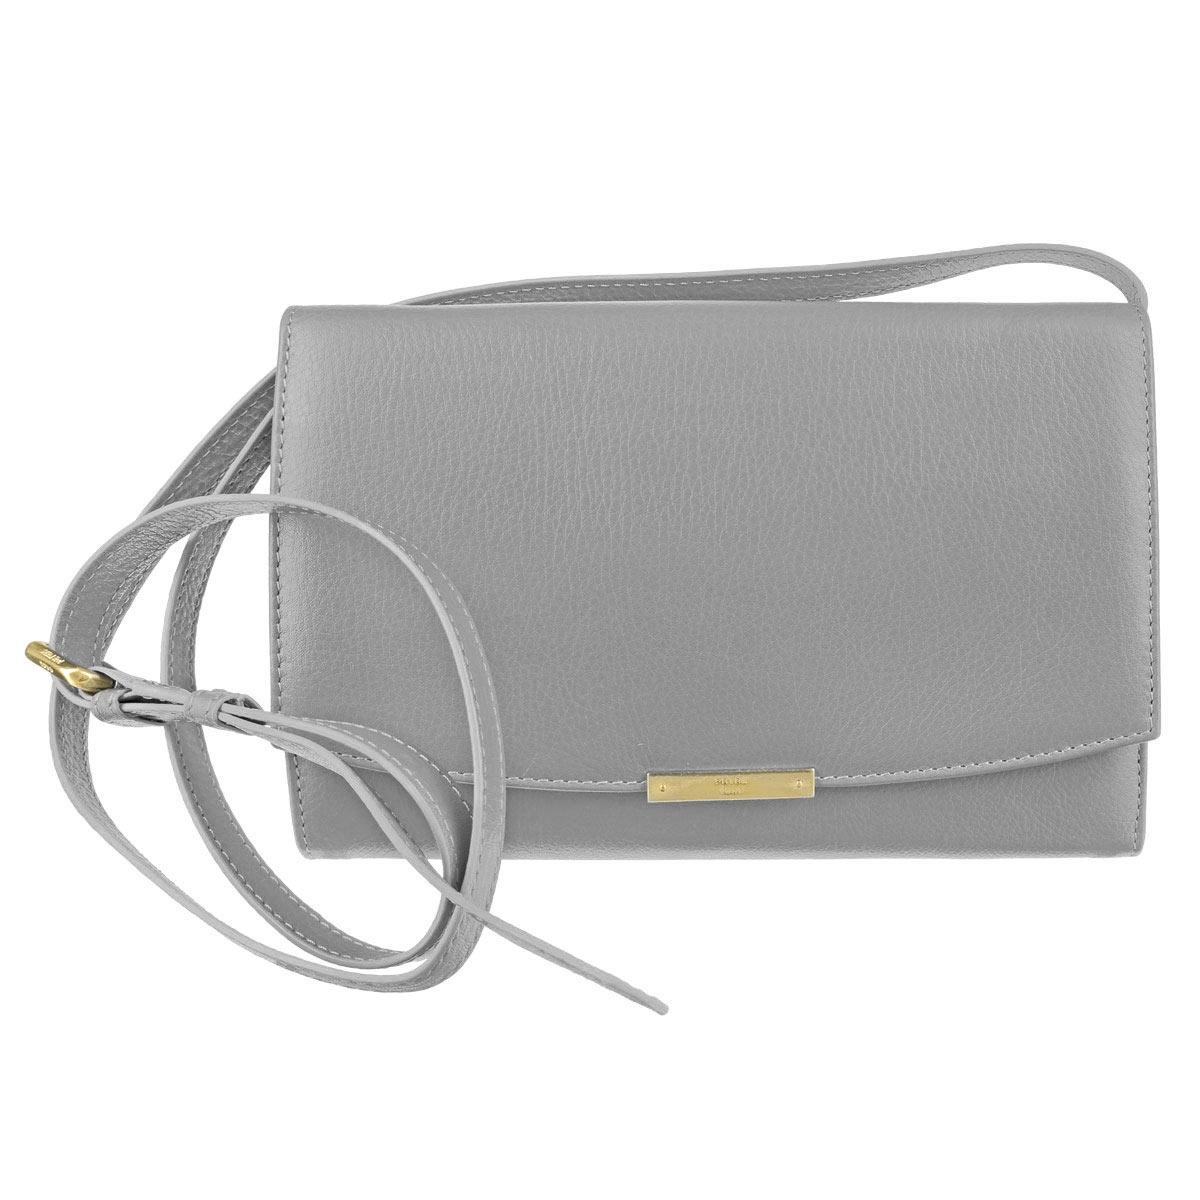 Сумка женская Petek 1855, цвет: серый. S15014S15014.PNF.90 PalomaНебольшая эффектная сумочка Petek 1855 выполнена из натуральной телячьей кожи. Модель имеет два основных отделения и третье на молнии между ними, закрывающиеся клапаном на кнопку. Внутри сумки имеется карман для телефона и ремешок с карабином для ключей. Снаружи на задней стенке имеется карман на молнии. Сумка оснащена регулируемым и съемным плечевым ремнем, который позволяет использовать изделие в качестве клатча или сумки. Изделие поставляется в текстильном чехле. Роскошная сумка внесет элегантные нотки в ваш образ и подчеркнет ваше отменное чувство стиля.